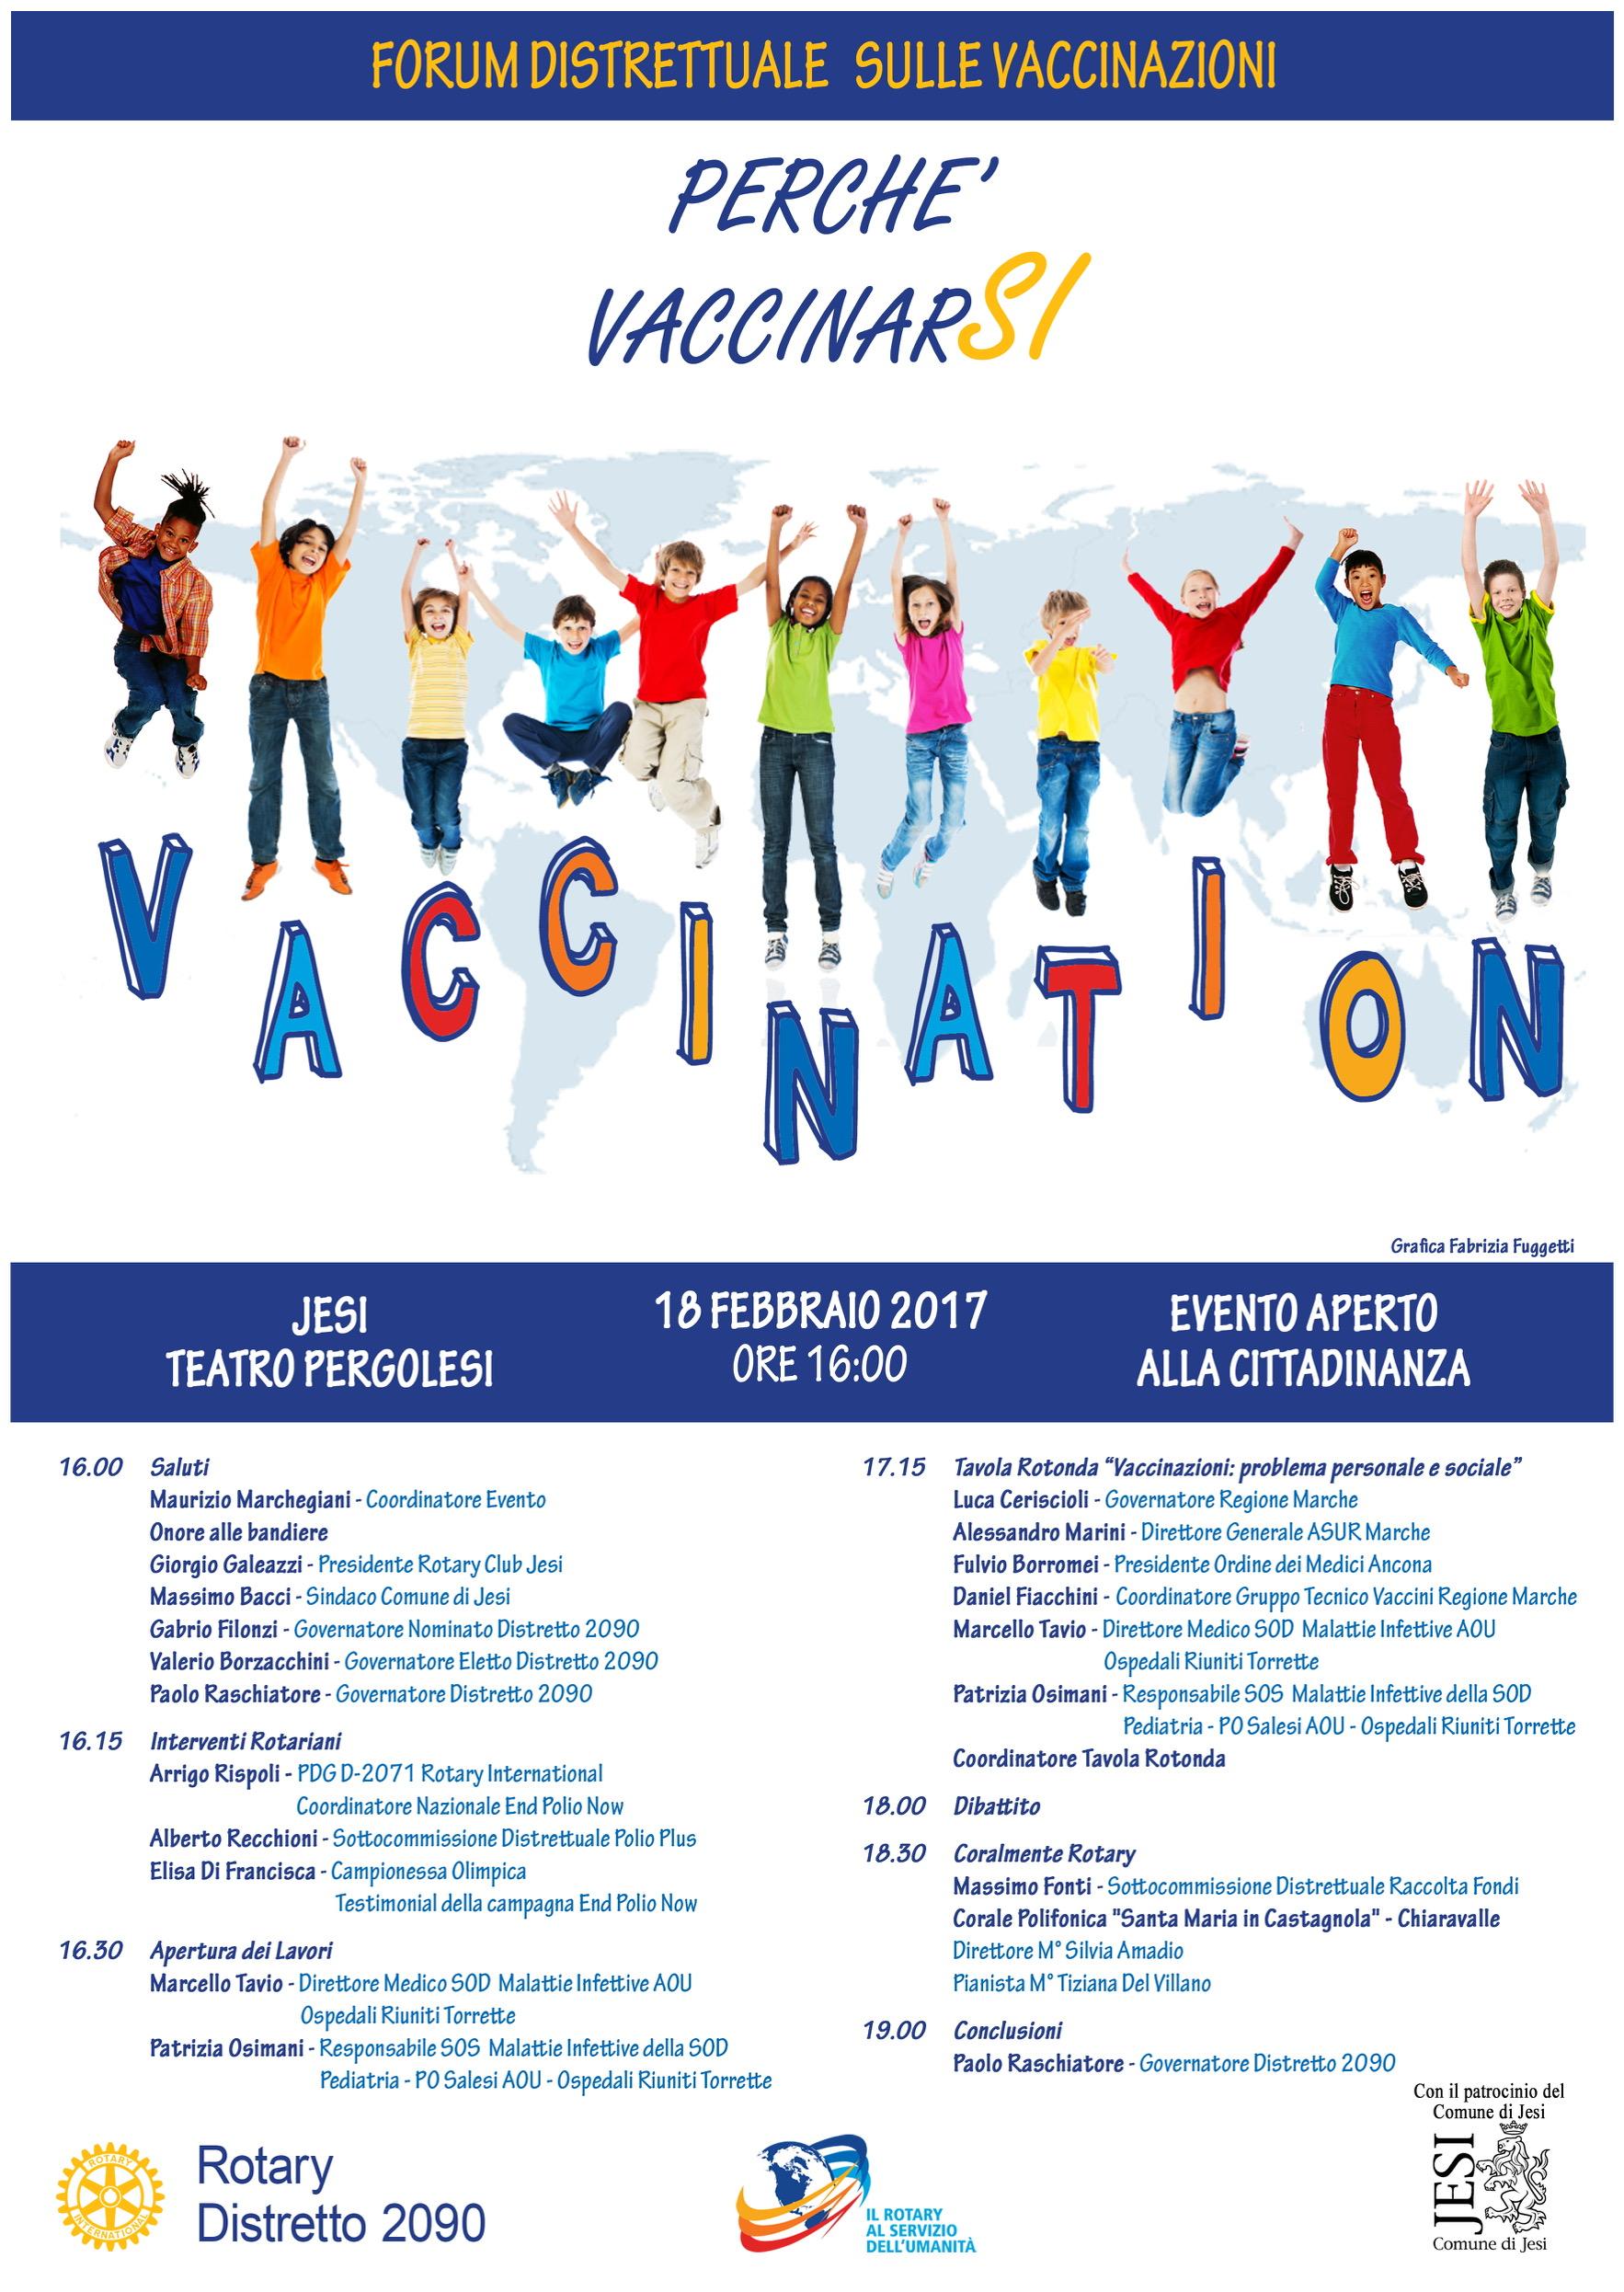 Miniatura per l'articolo intitolato:Forum Distrettuale sulle Vaccinazioni